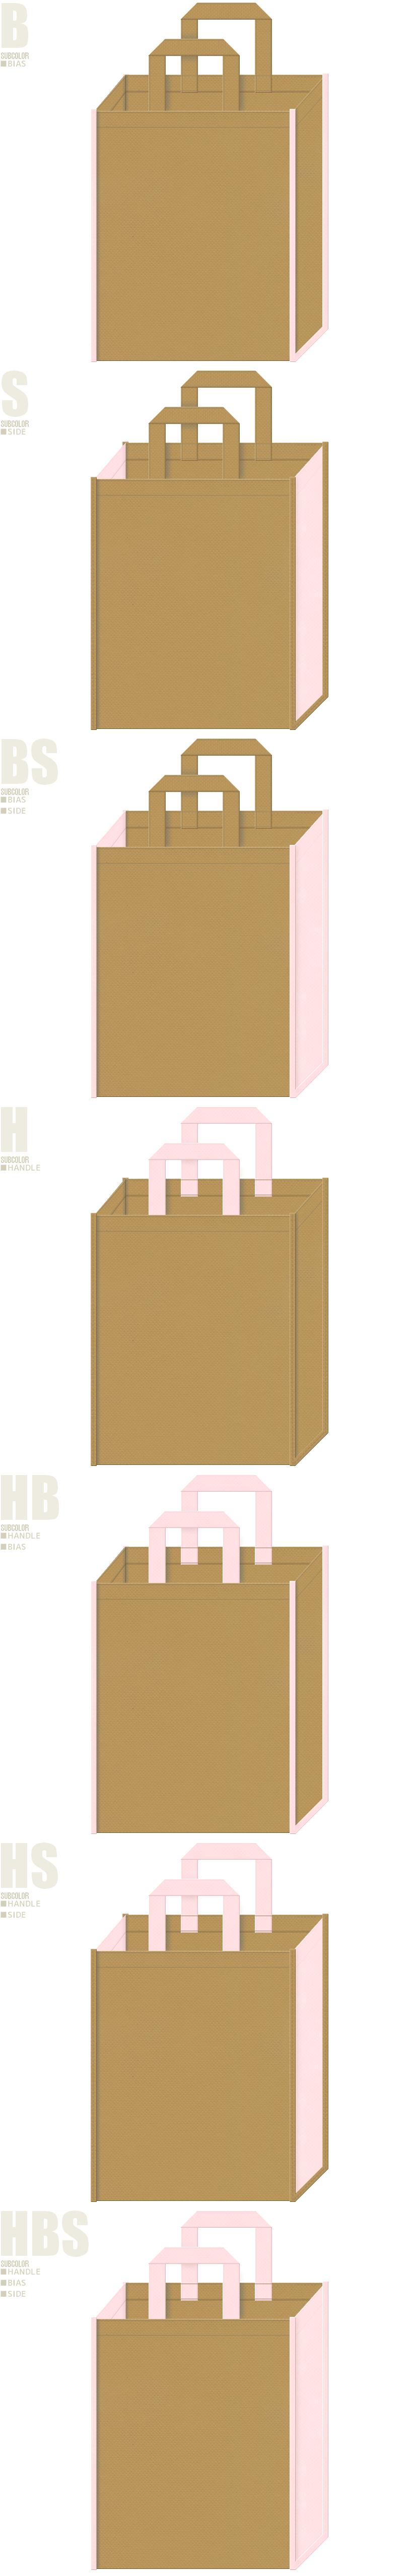 金色系黄土色と桜色、7パターンの不織布トートバッグ配色デザイン例。ペット用品の展示会用バッグにお奨めです。